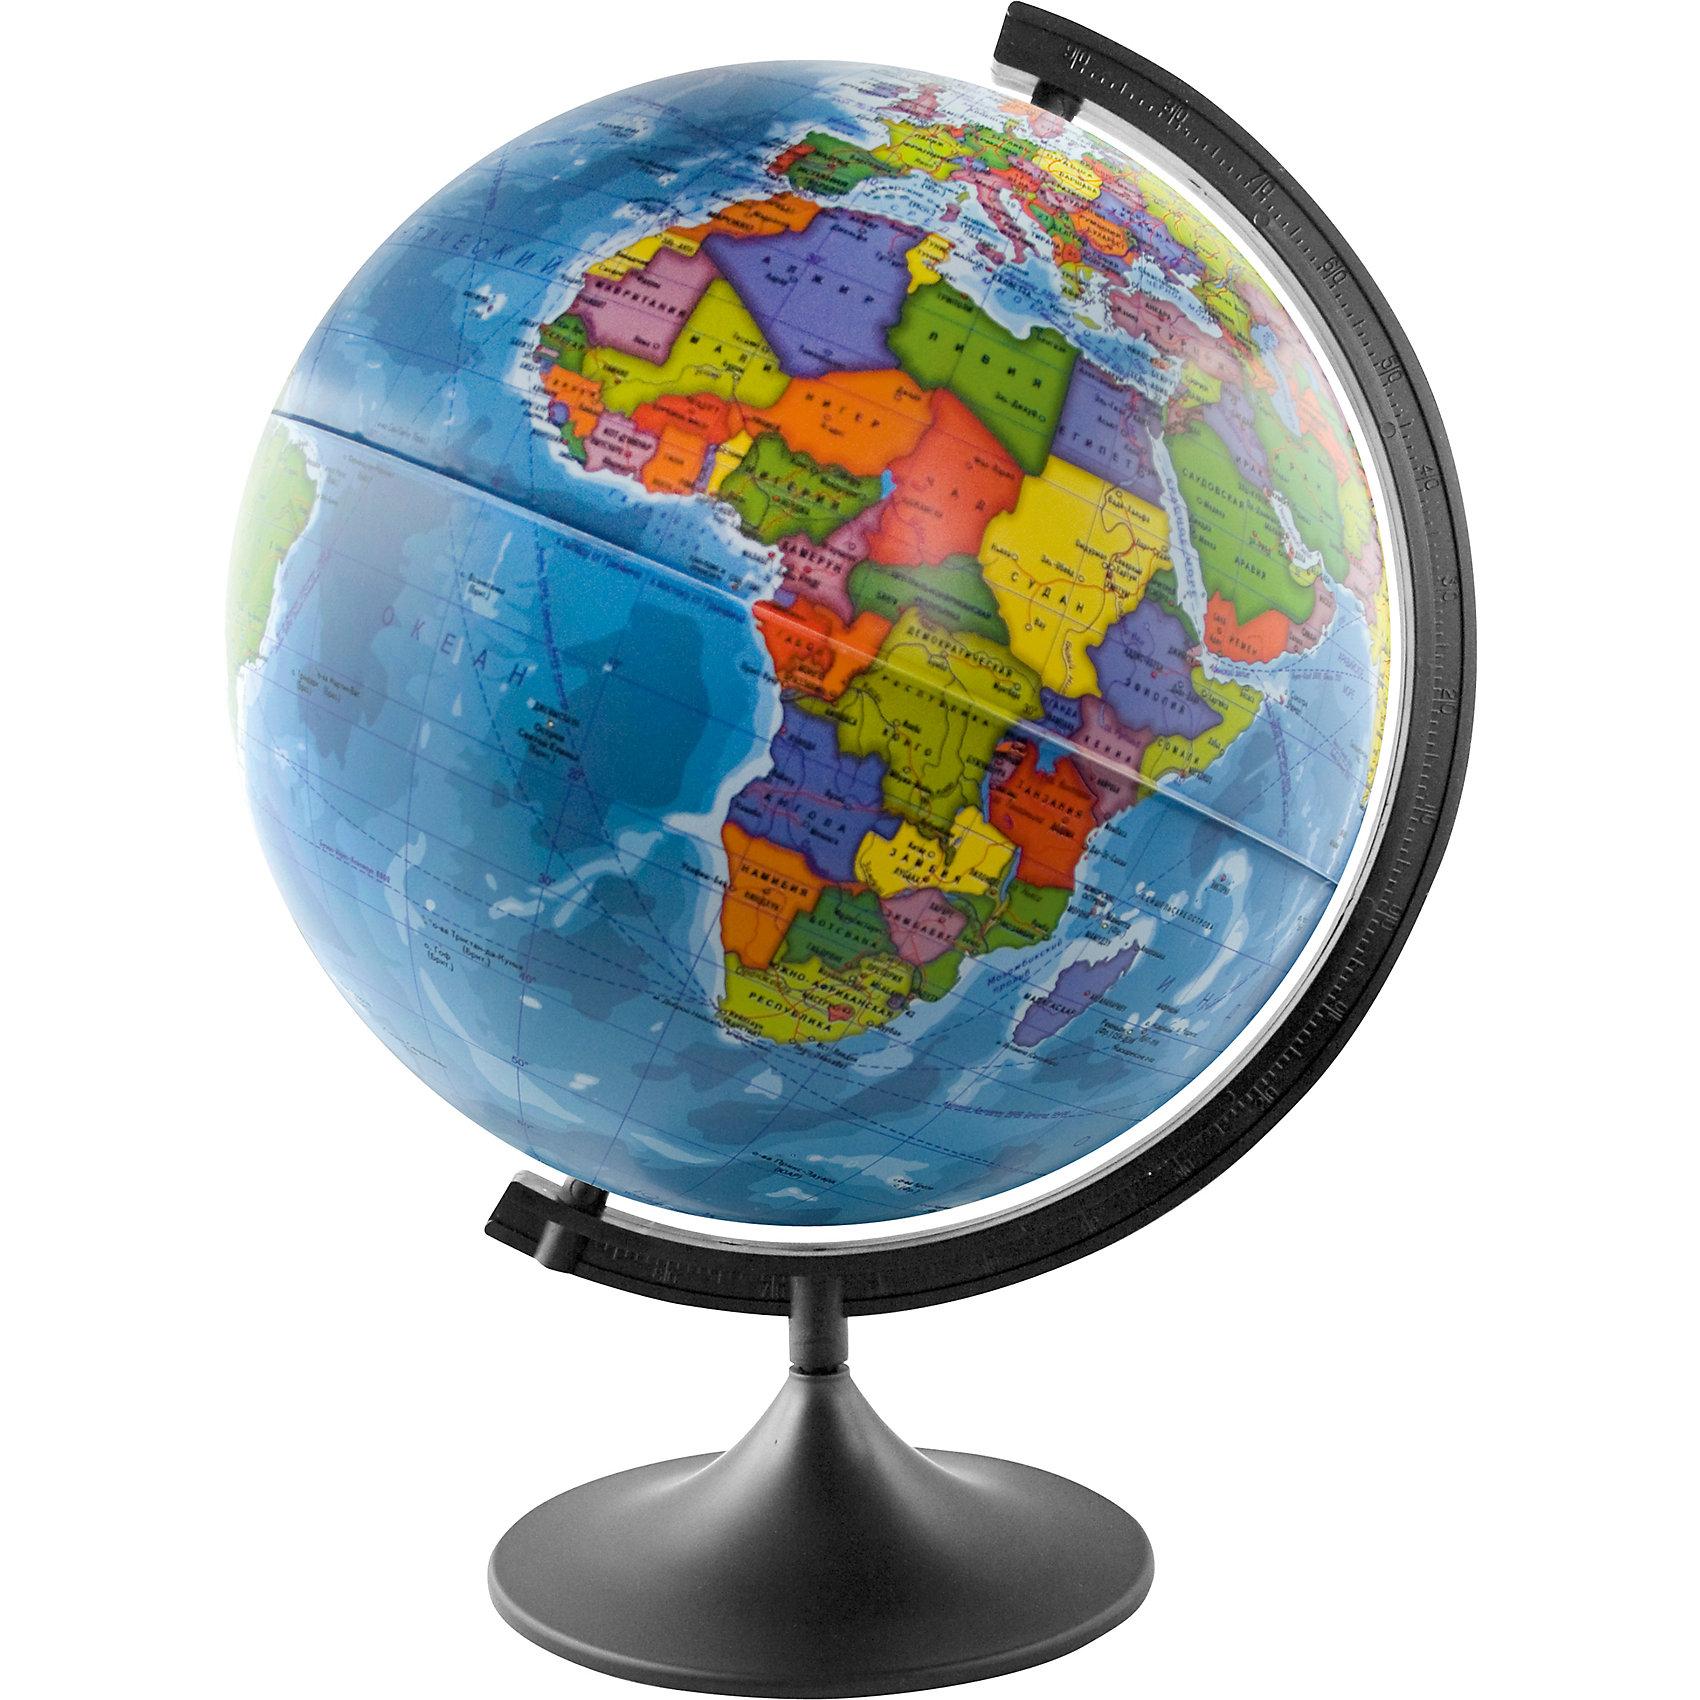 Глобус Земли политический, диаметр 120 ммПоследняя цена<br>Глобус Земли политический, д-р 120.<br><br>Характеристики:<br><br>• Для детей в возрасте: от 6 лет<br>• Диаметр: 120 мм.<br>• Масштаб:1:106000000<br>• Материал: пластик<br>• Цвет подставки и дуги: черный<br><br>Настольный глобус с современной политической картой мира (Крым в составе РФ) станет замечательным наглядным пособием для вашего ребенка. Политическая карта выполнена в ярких цветах. На карту нанесены страны, границы, города, континенты, моря, океаны и другая полезная информация. Надписи выполнены на русском языке, четкие и легкочитаемые. Сфера глобуса изготовлена из прочного высококачественного пластика, поэтому она не расколется от случайного падения. Устойчивая подставка и дуга с градусными отметками выполнены из прочного высококачественного пластика черного цвета. Глобус имеет не большой размер, что позволит ему не занимать много места на столе.<br><br>Глобус Земли политический, д-р 120 можно купить в нашем интернет-магазине.<br><br>Ширина мм: 140<br>Глубина мм: 120<br>Высота мм: 120<br>Вес г: 500<br>Возраст от месяцев: 72<br>Возраст до месяцев: 2147483647<br>Пол: Унисекс<br>Возраст: Детский<br>SKU: 5504455